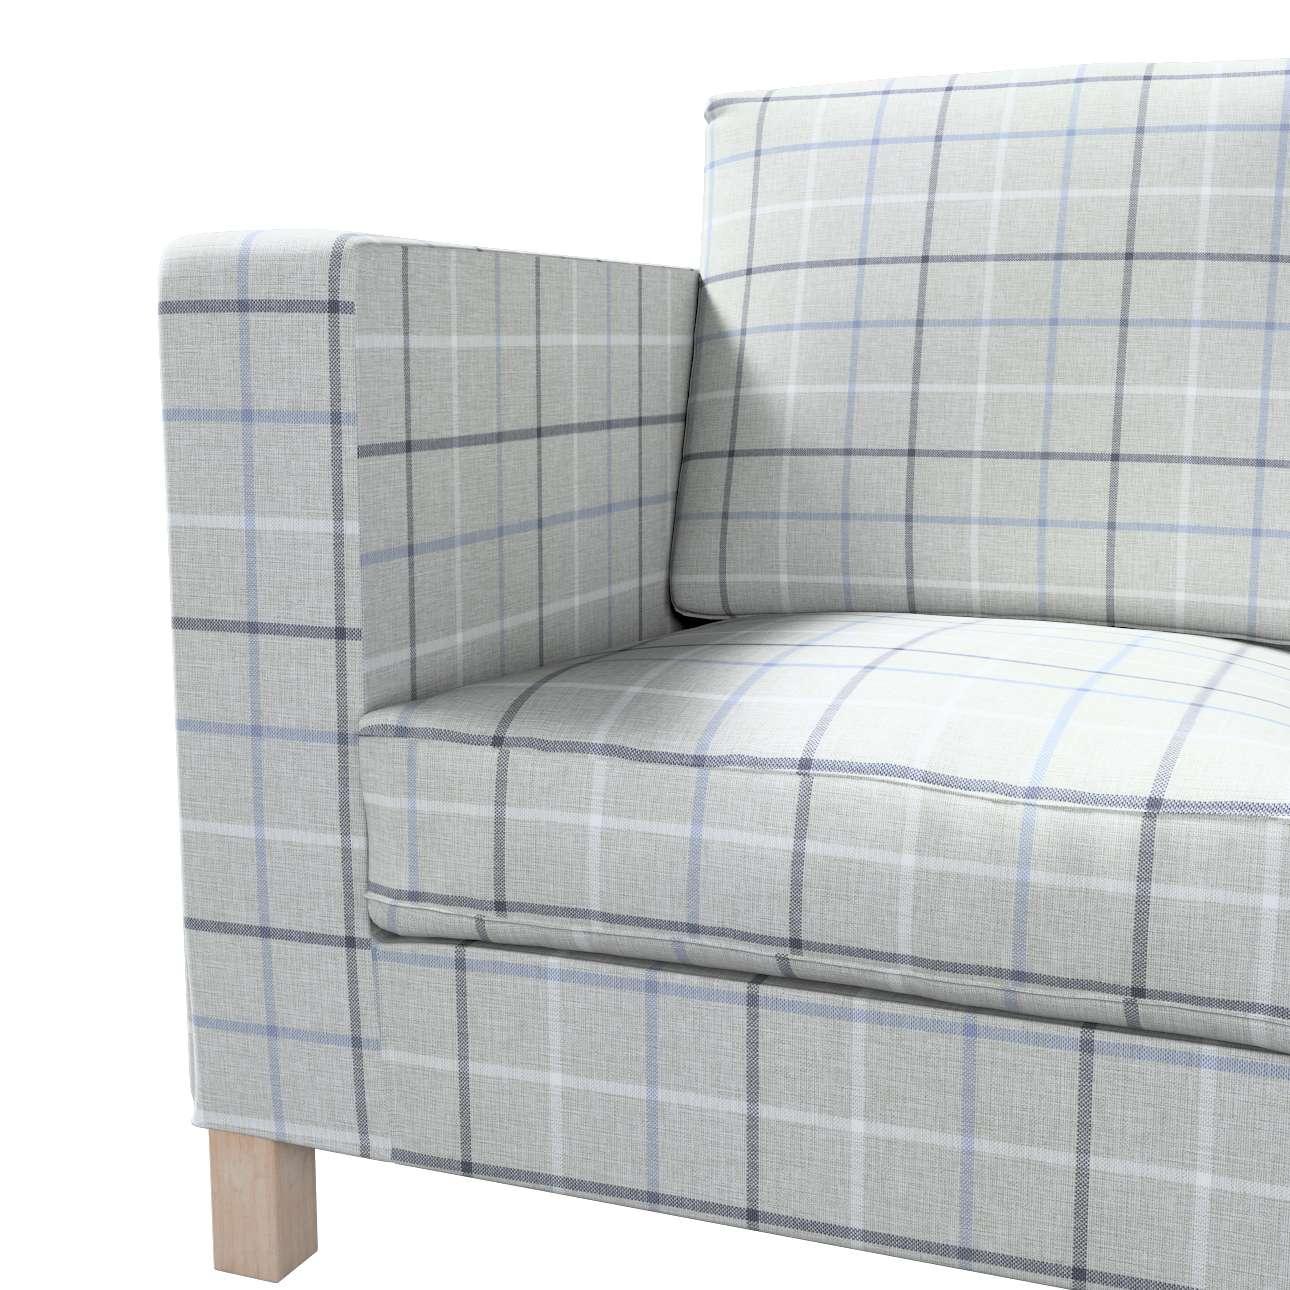 Bezug für Karlanda 3-Sitzer Sofa nicht ausklappbar, kurz von der Kollektion Edinburgh , Stoff: 703-18